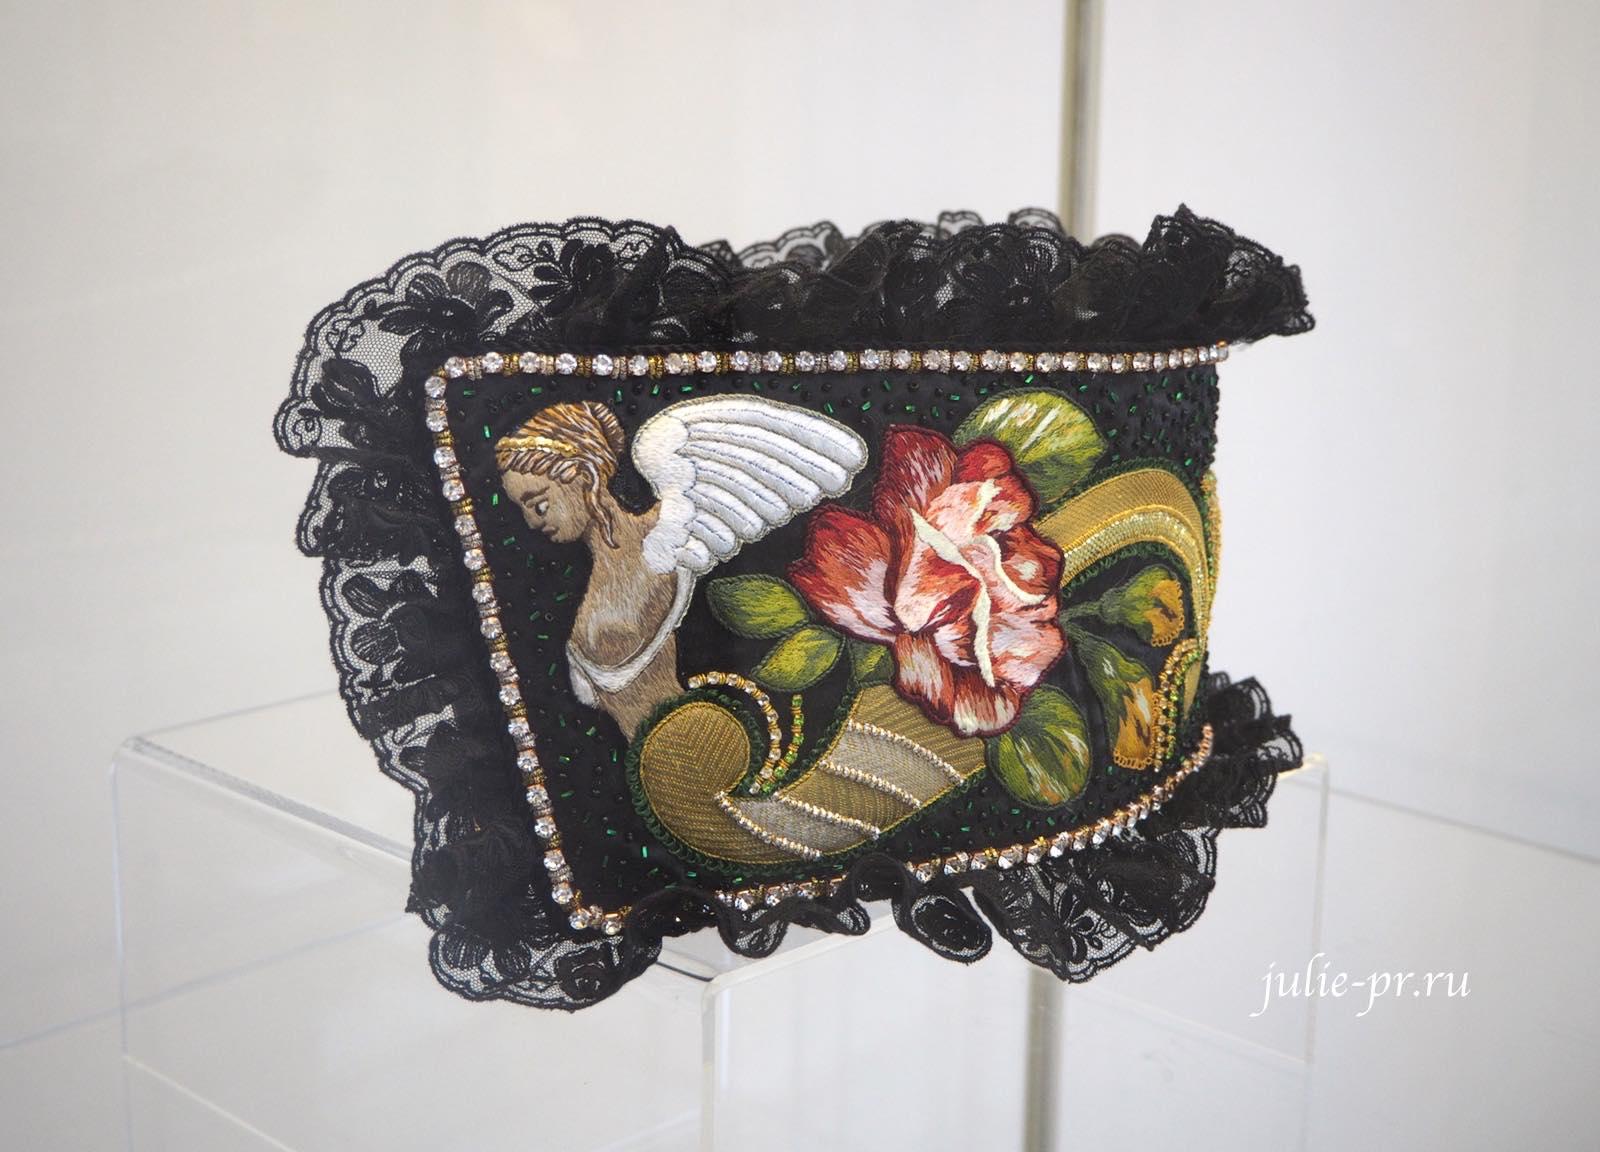 Всероссийская выставка вышивки, вышивка гладью, браслет, прикладная вышивка